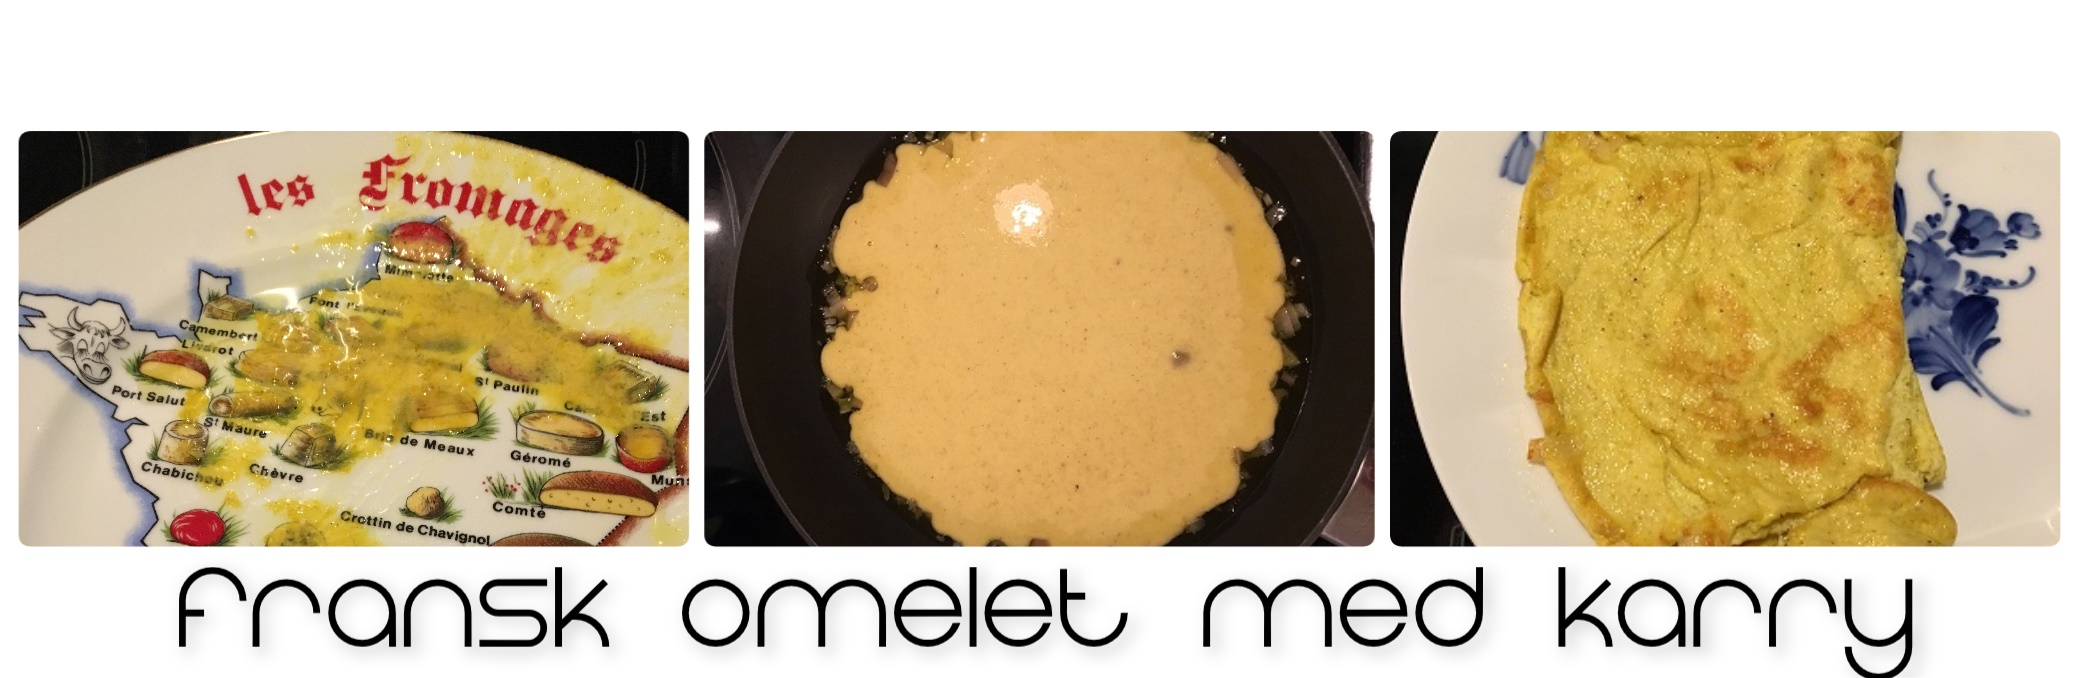 Fransk omelet med karry